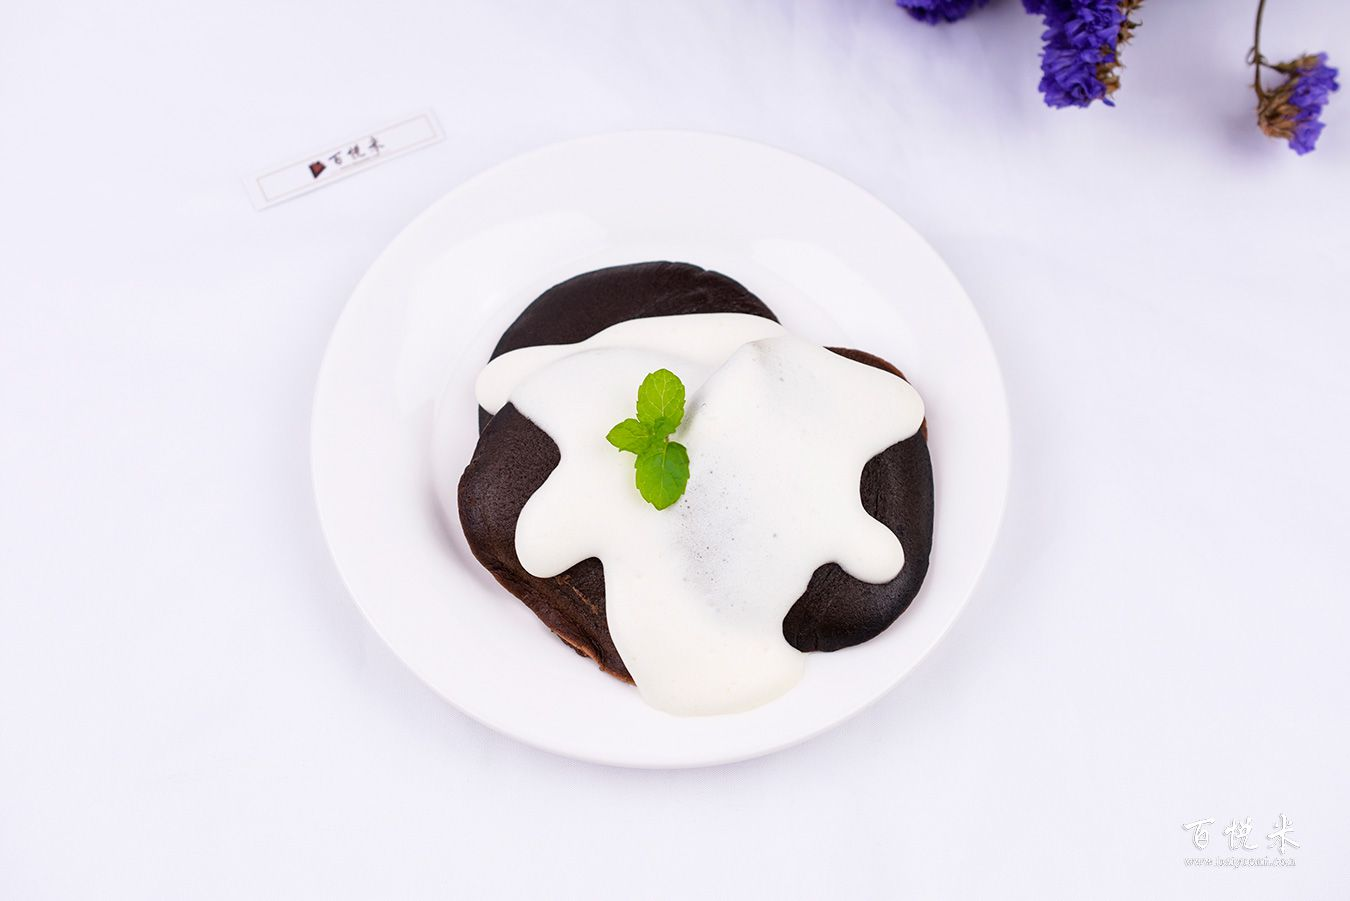 巧克力舒芙蕾高清图片大全【蛋糕图片】_994